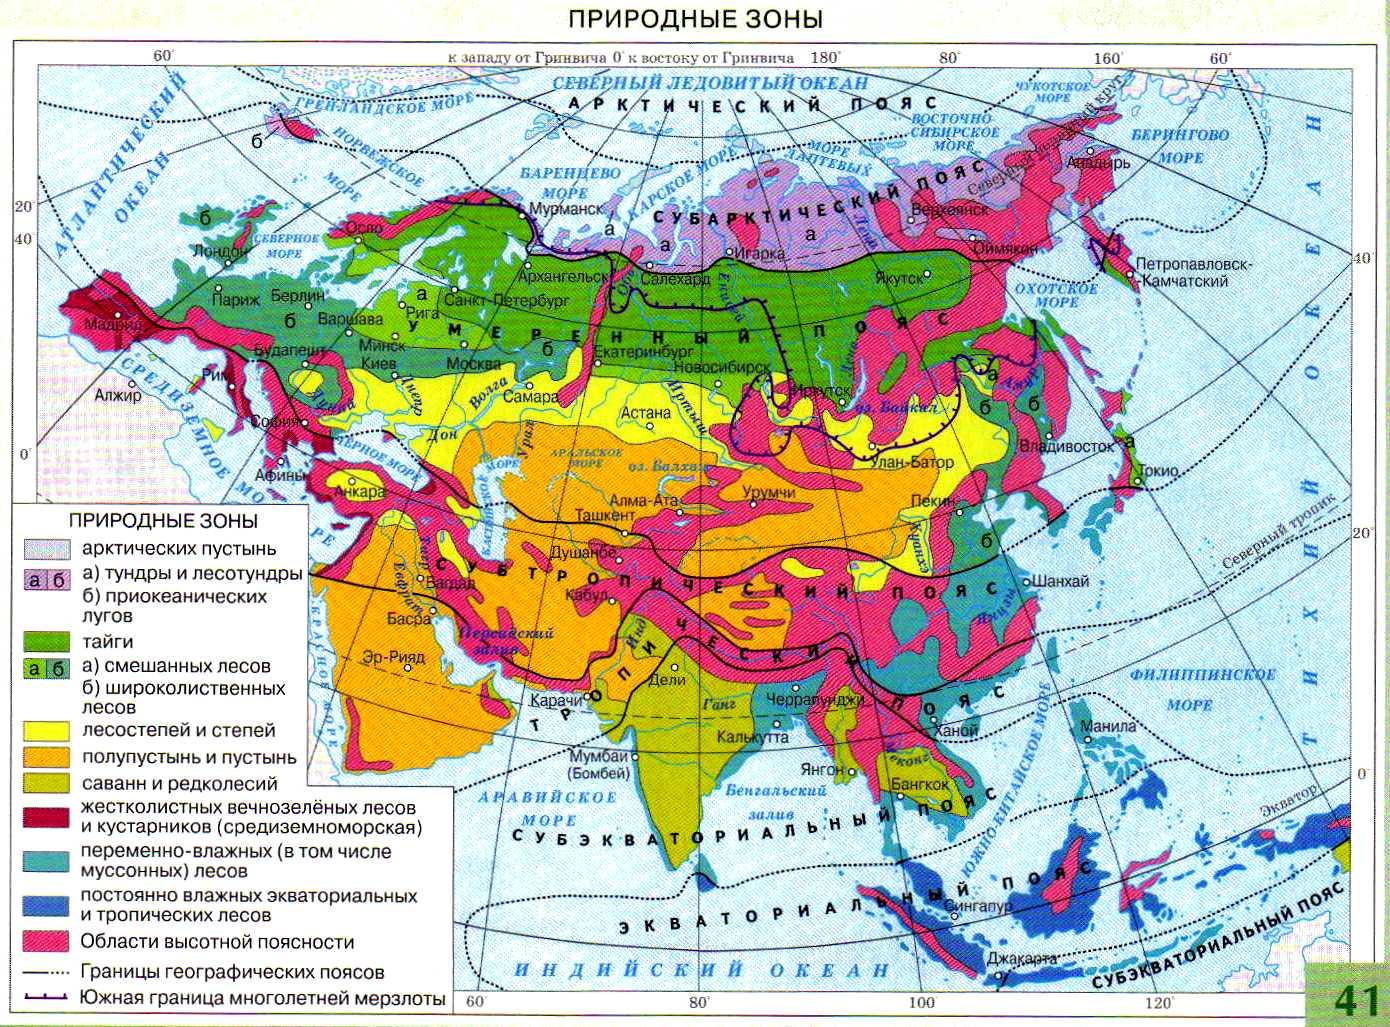 Евразия. Природные зоны